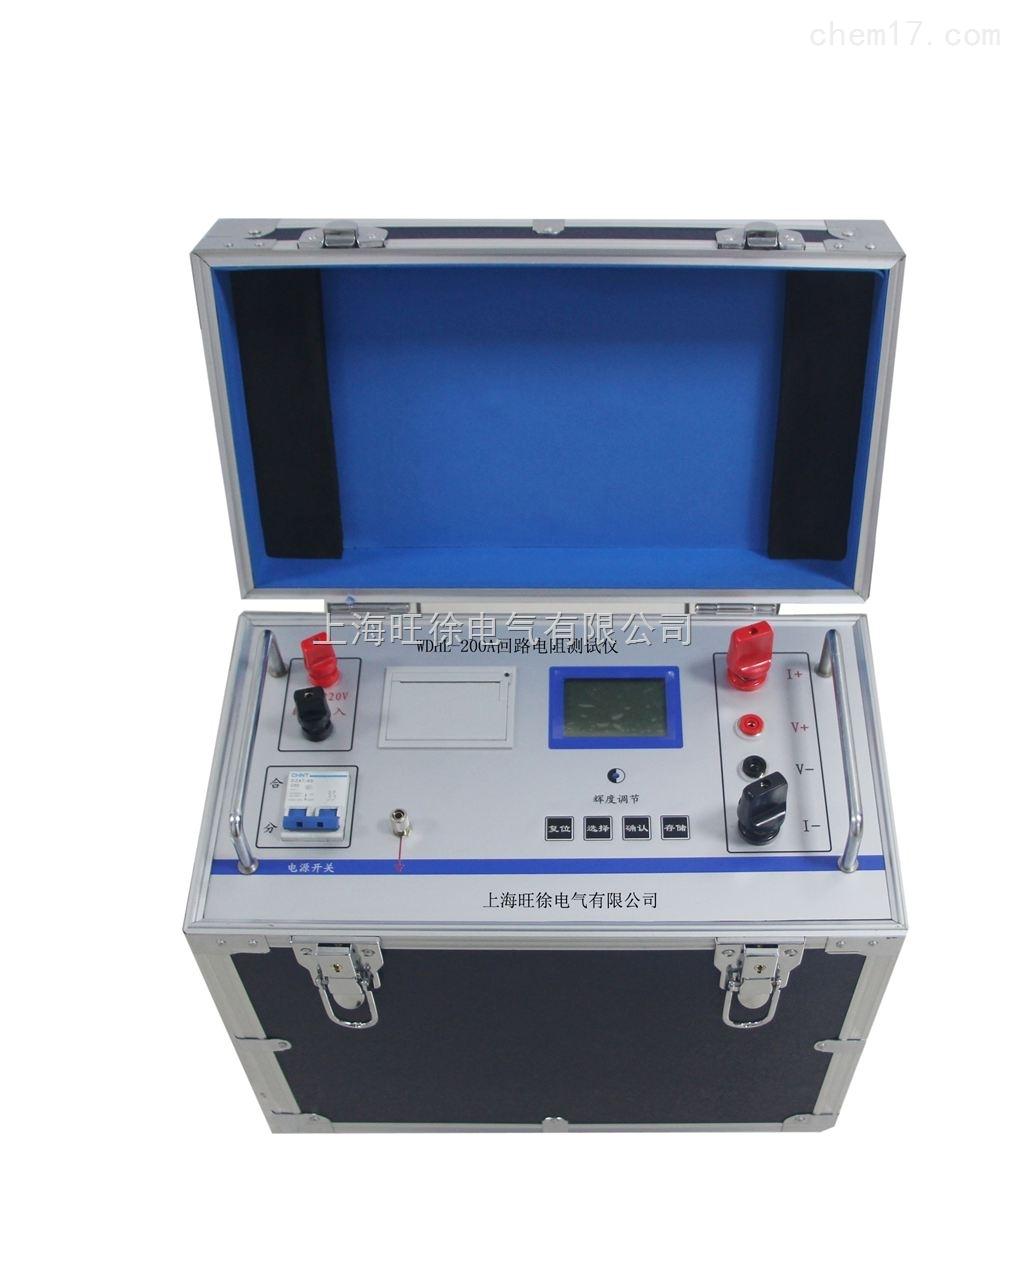 WDHL-200A回路电阻测试仪